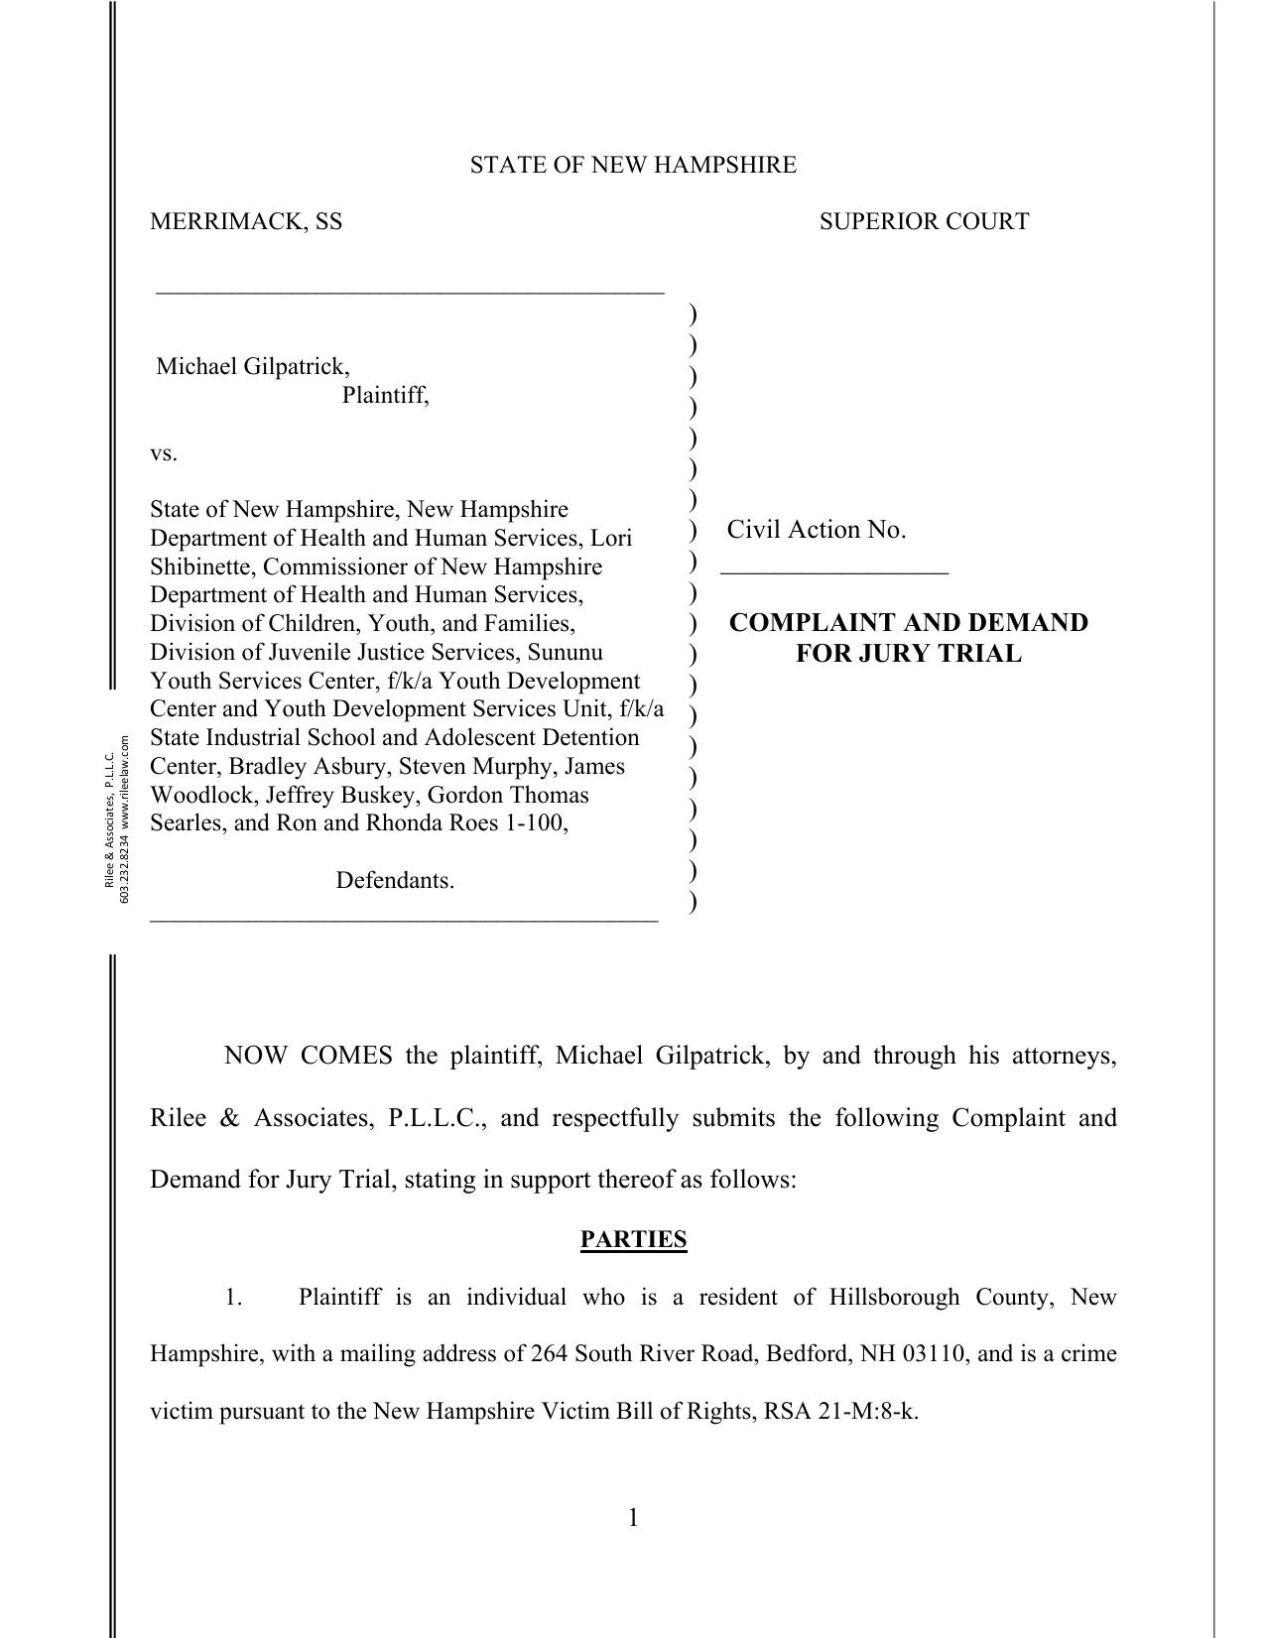 Second lawsuit